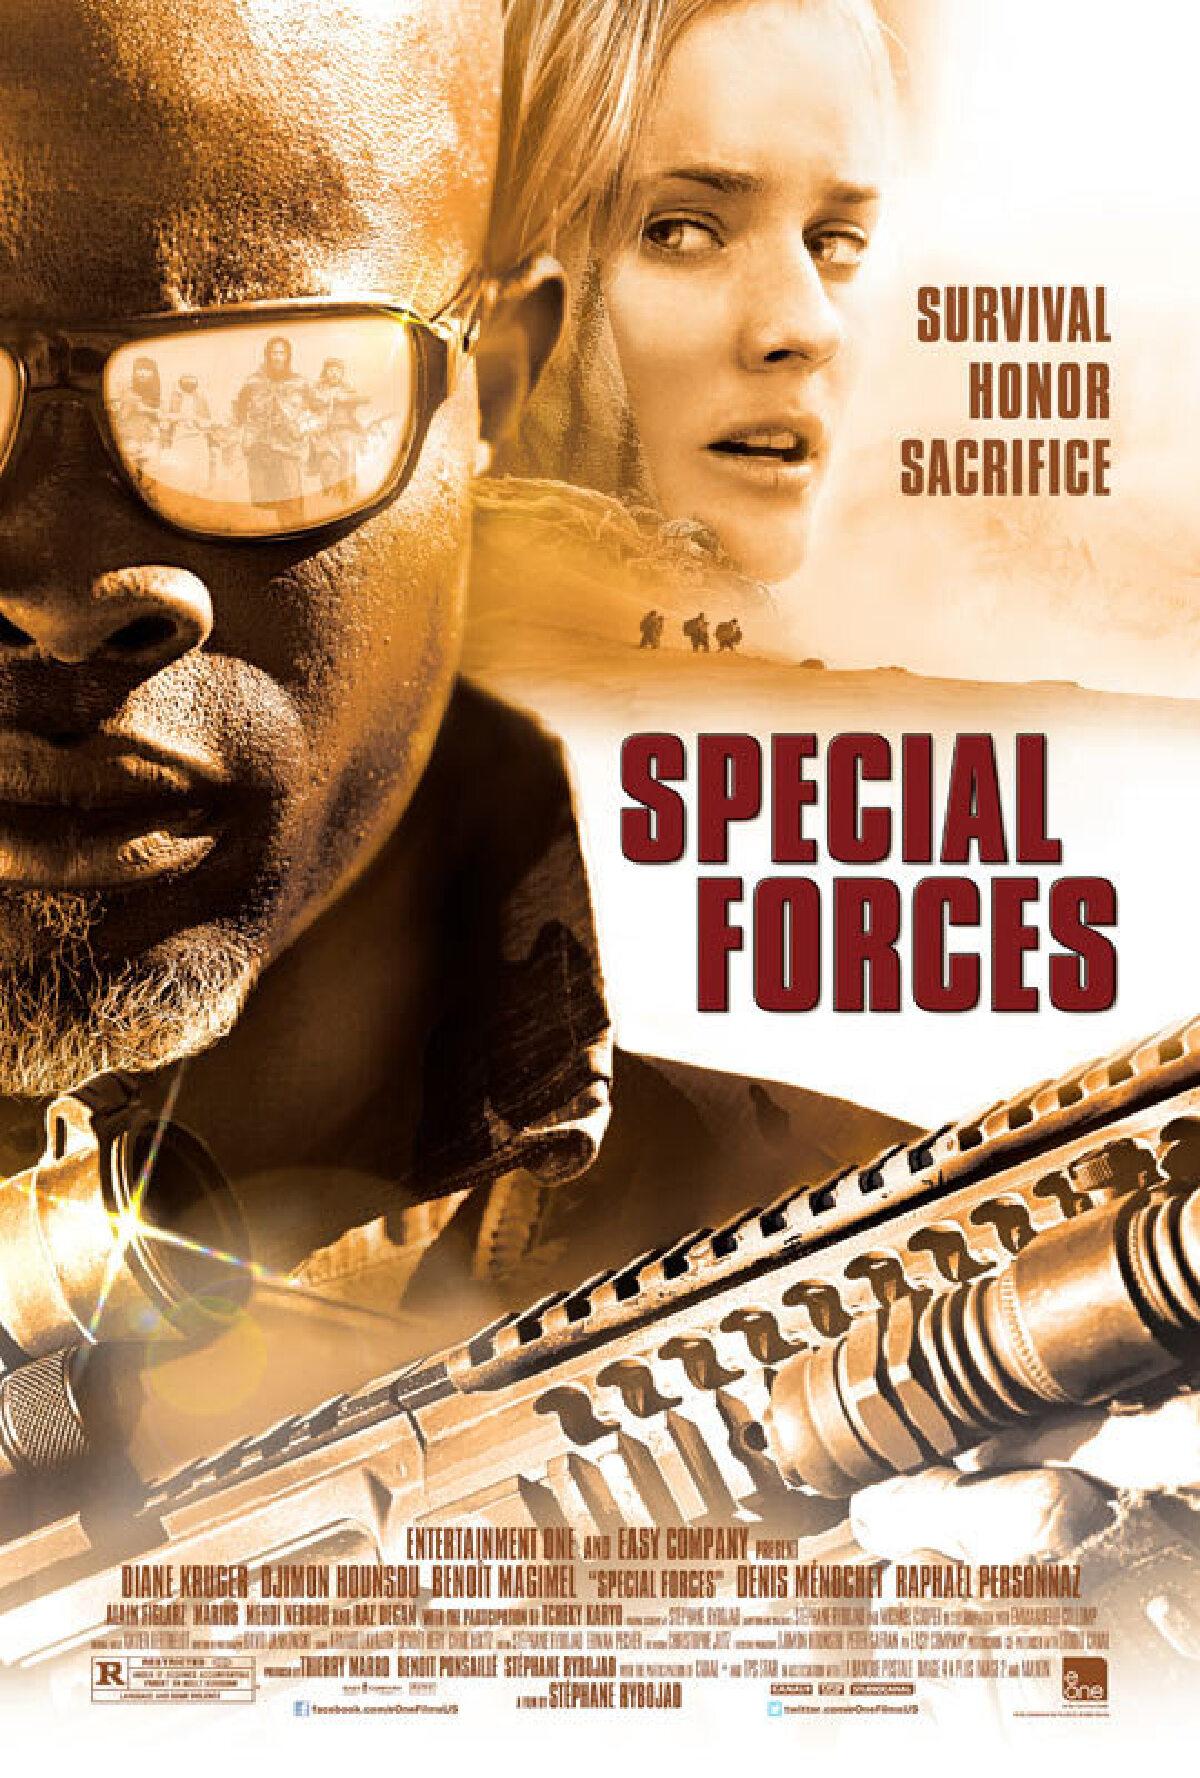 หนังสงครามอัฟกานิสถาน รวมภาพยนตร์ทหาร หน่วยรบพิเศษ ไม่ดูถือว่าพลาด!